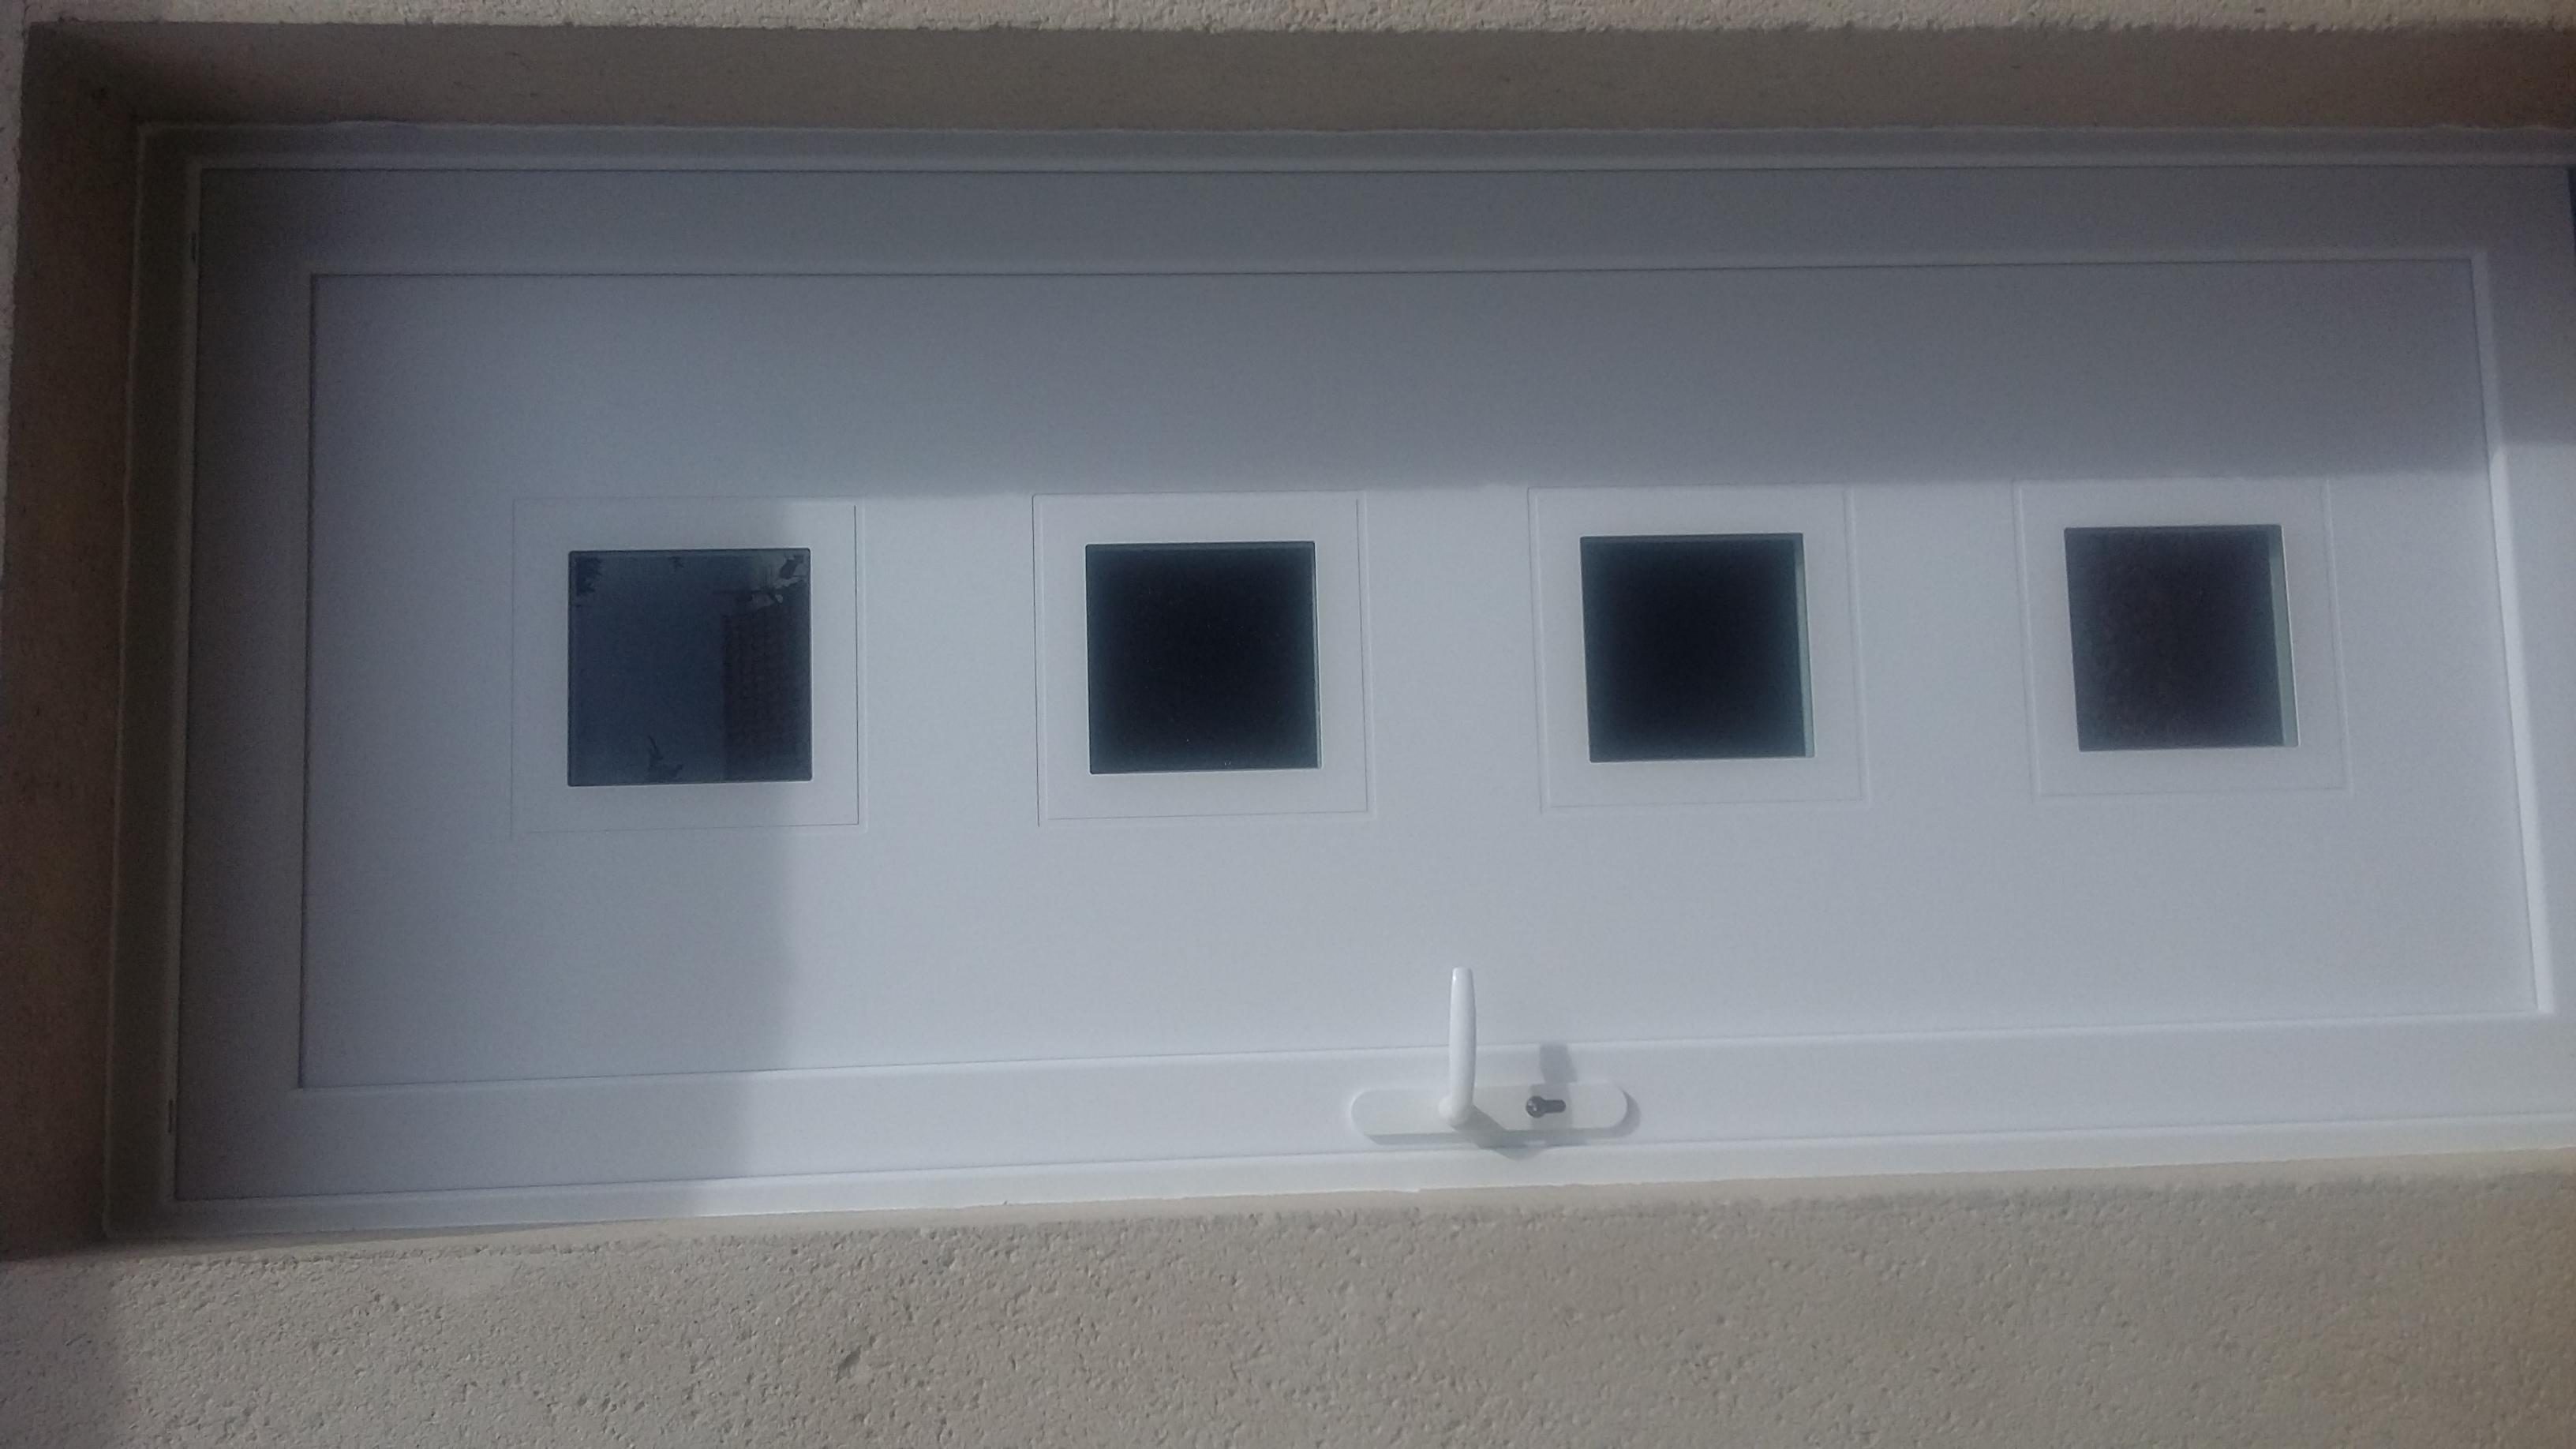 Porte-d-entree-sur-mesure-PVC-27-76-28-14-